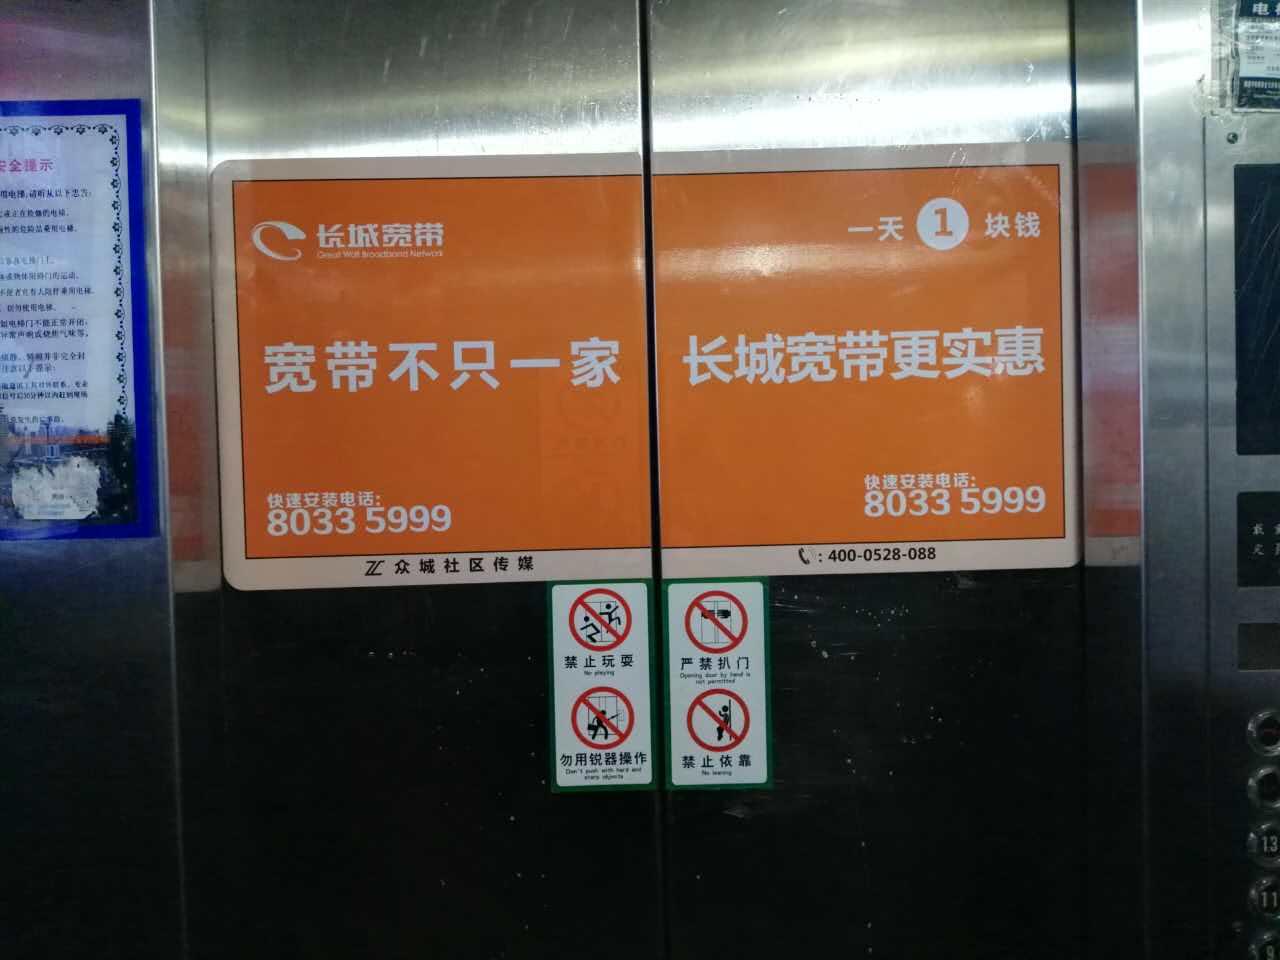 """上海电梯横媒体""""横扫千军"""",电梯门贴广告垂直性媒体,直面乘客展示效果好"""